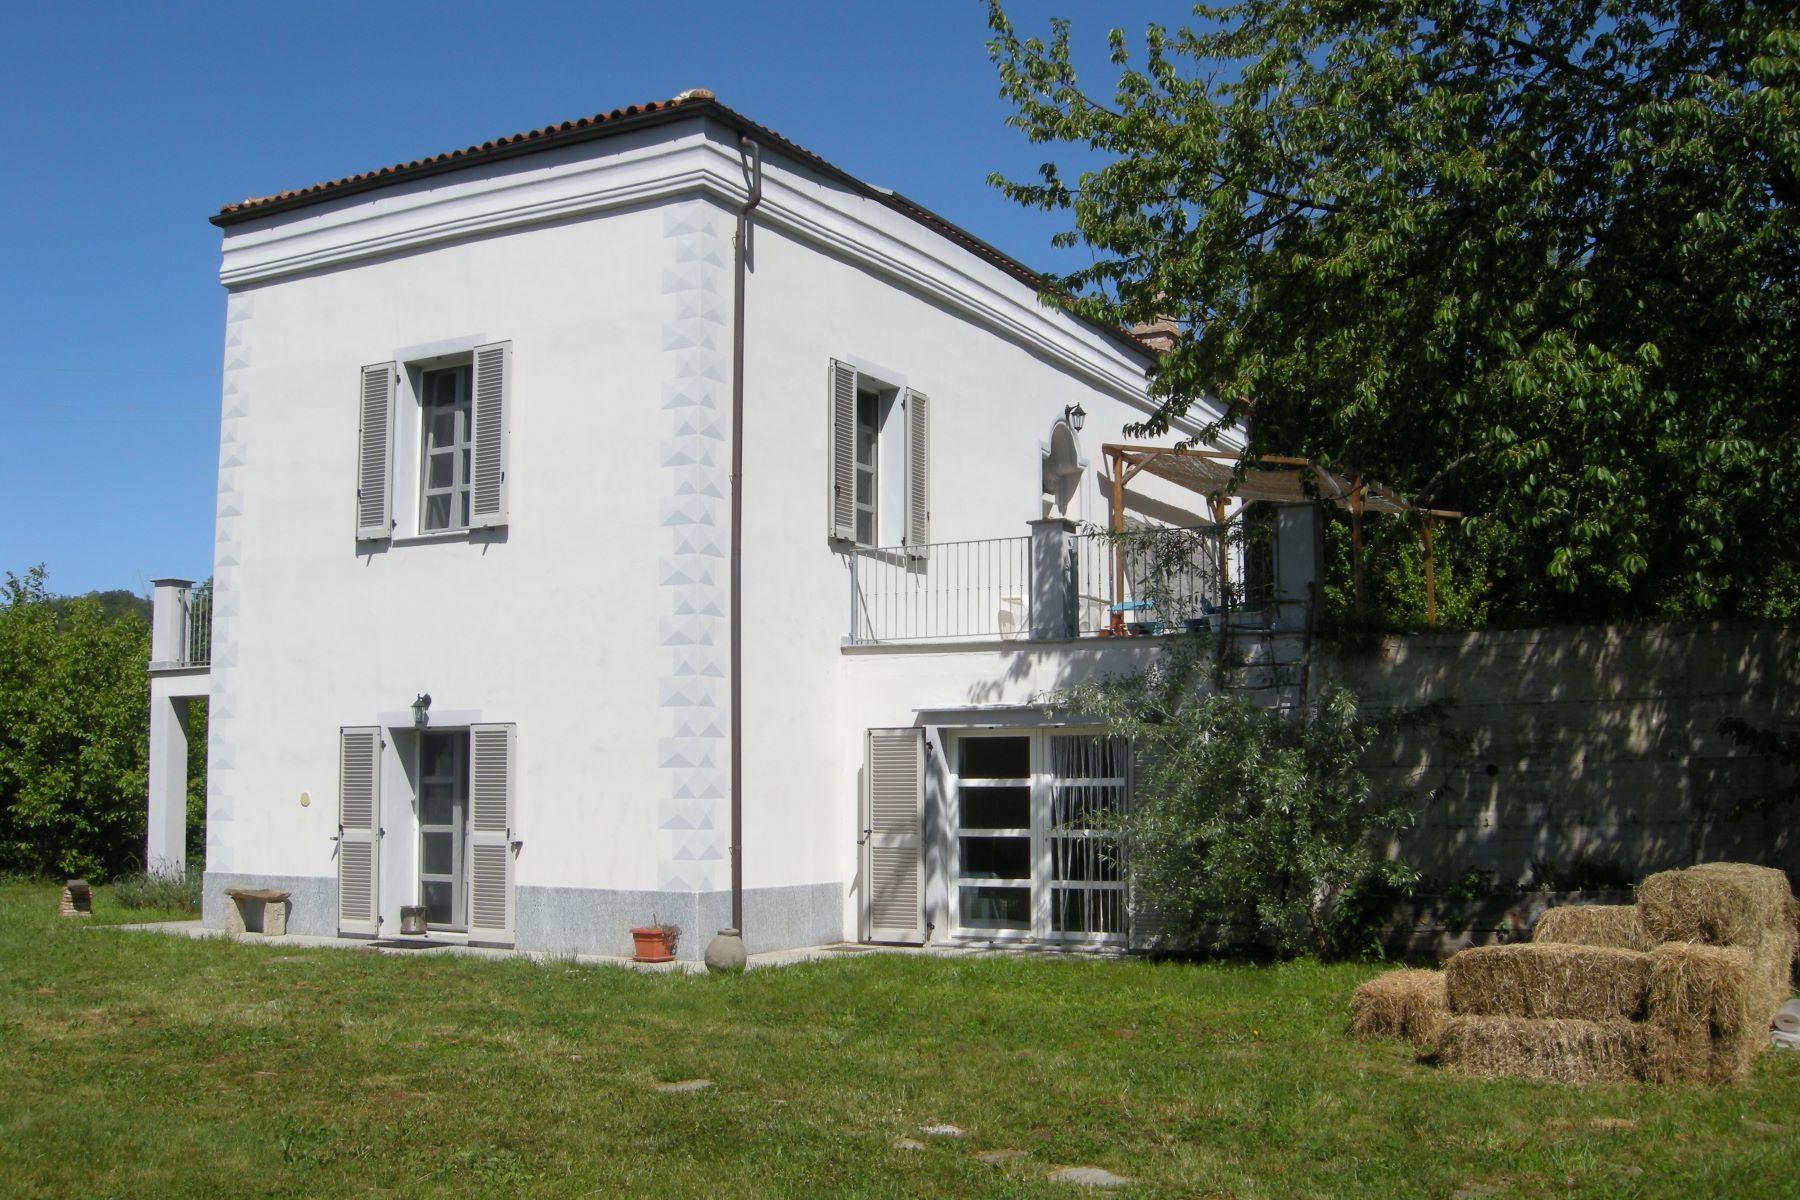 Einfamilienhaus für Verkauf beim Seventeenth century country property renovated in 2011 Malvicino Malvicino, Alessandria 15015, Piemont, Italien